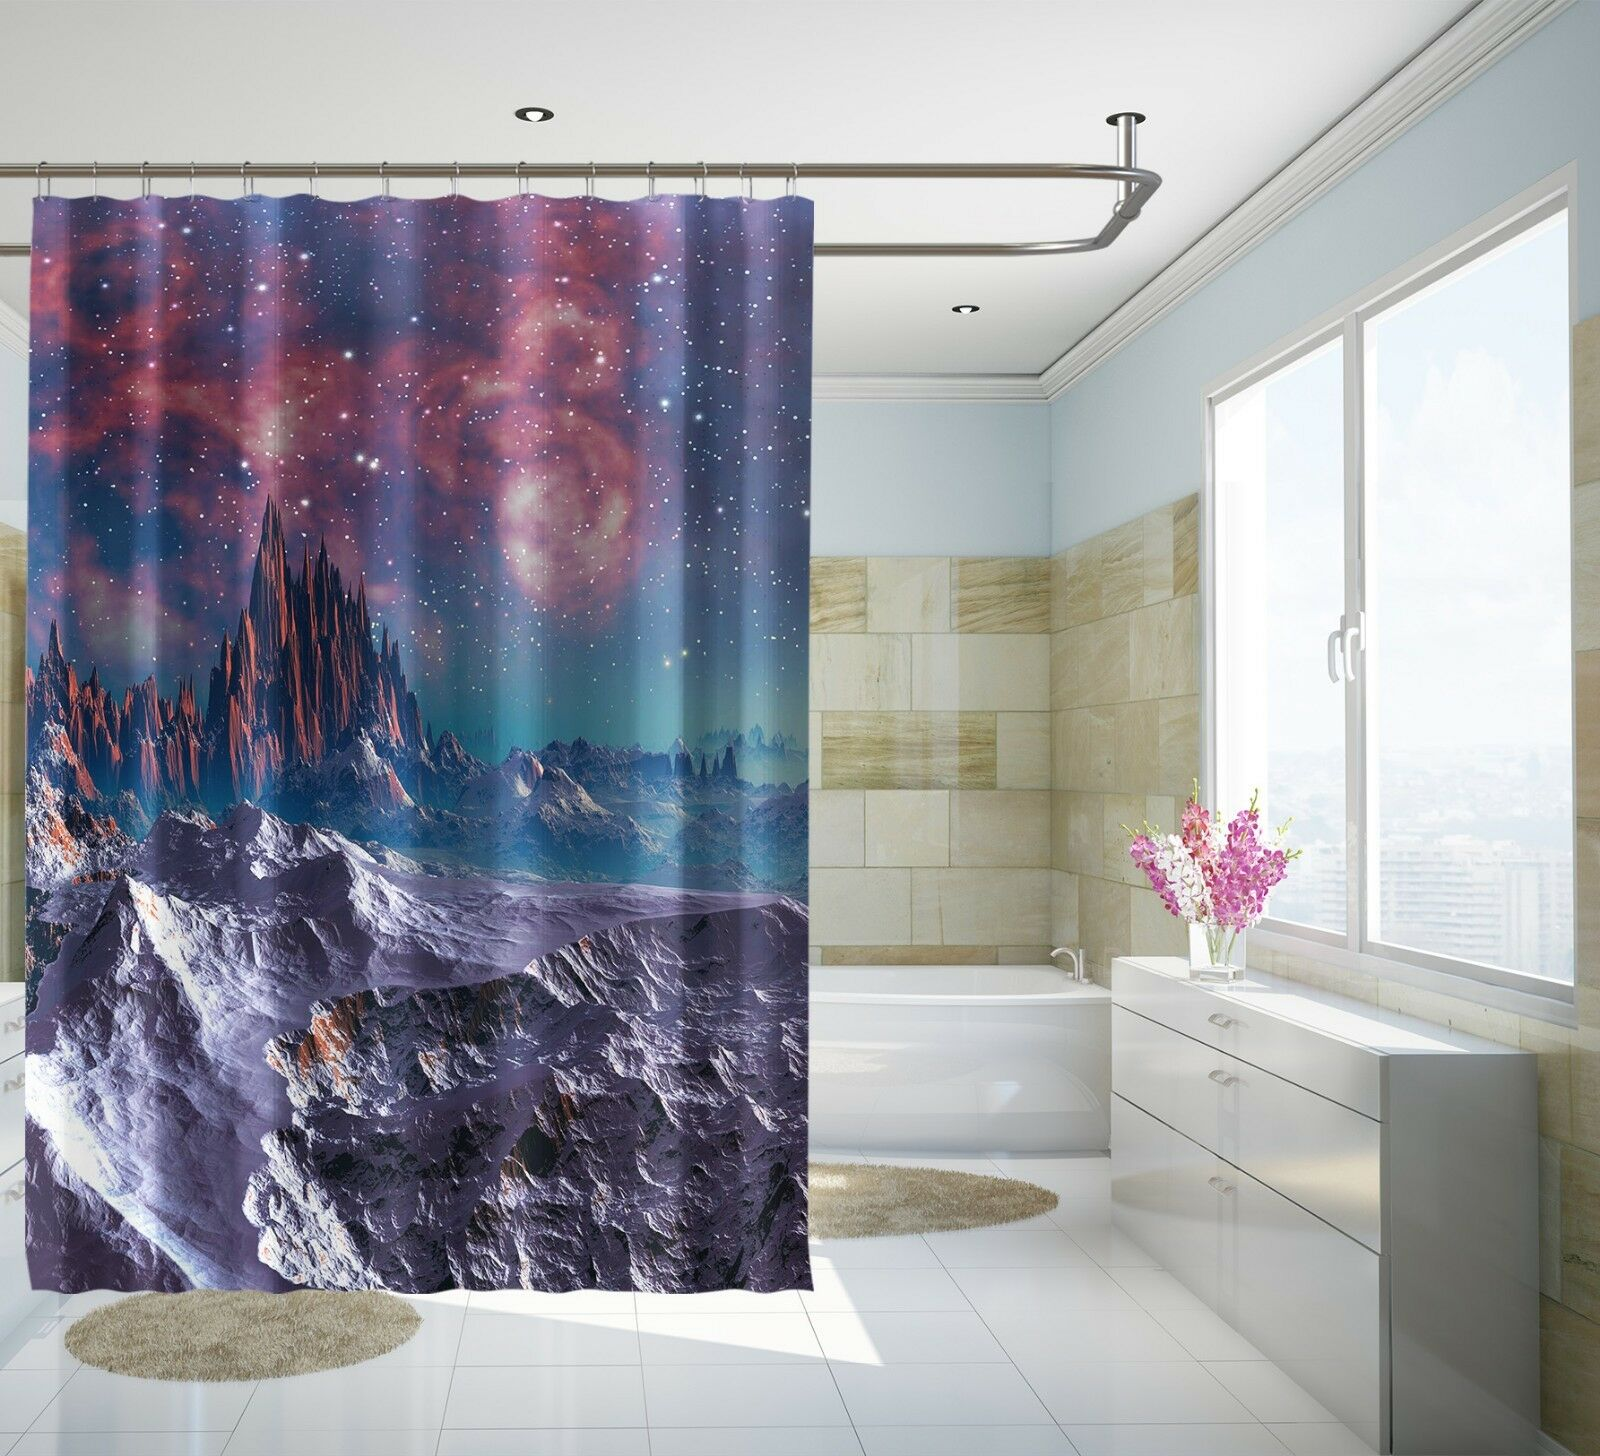 3D Lila Berg 534 Duschvorhang Wasserdicht Faser Bad Daheim Windows Windows Windows Toilette DE | Genialität  524302